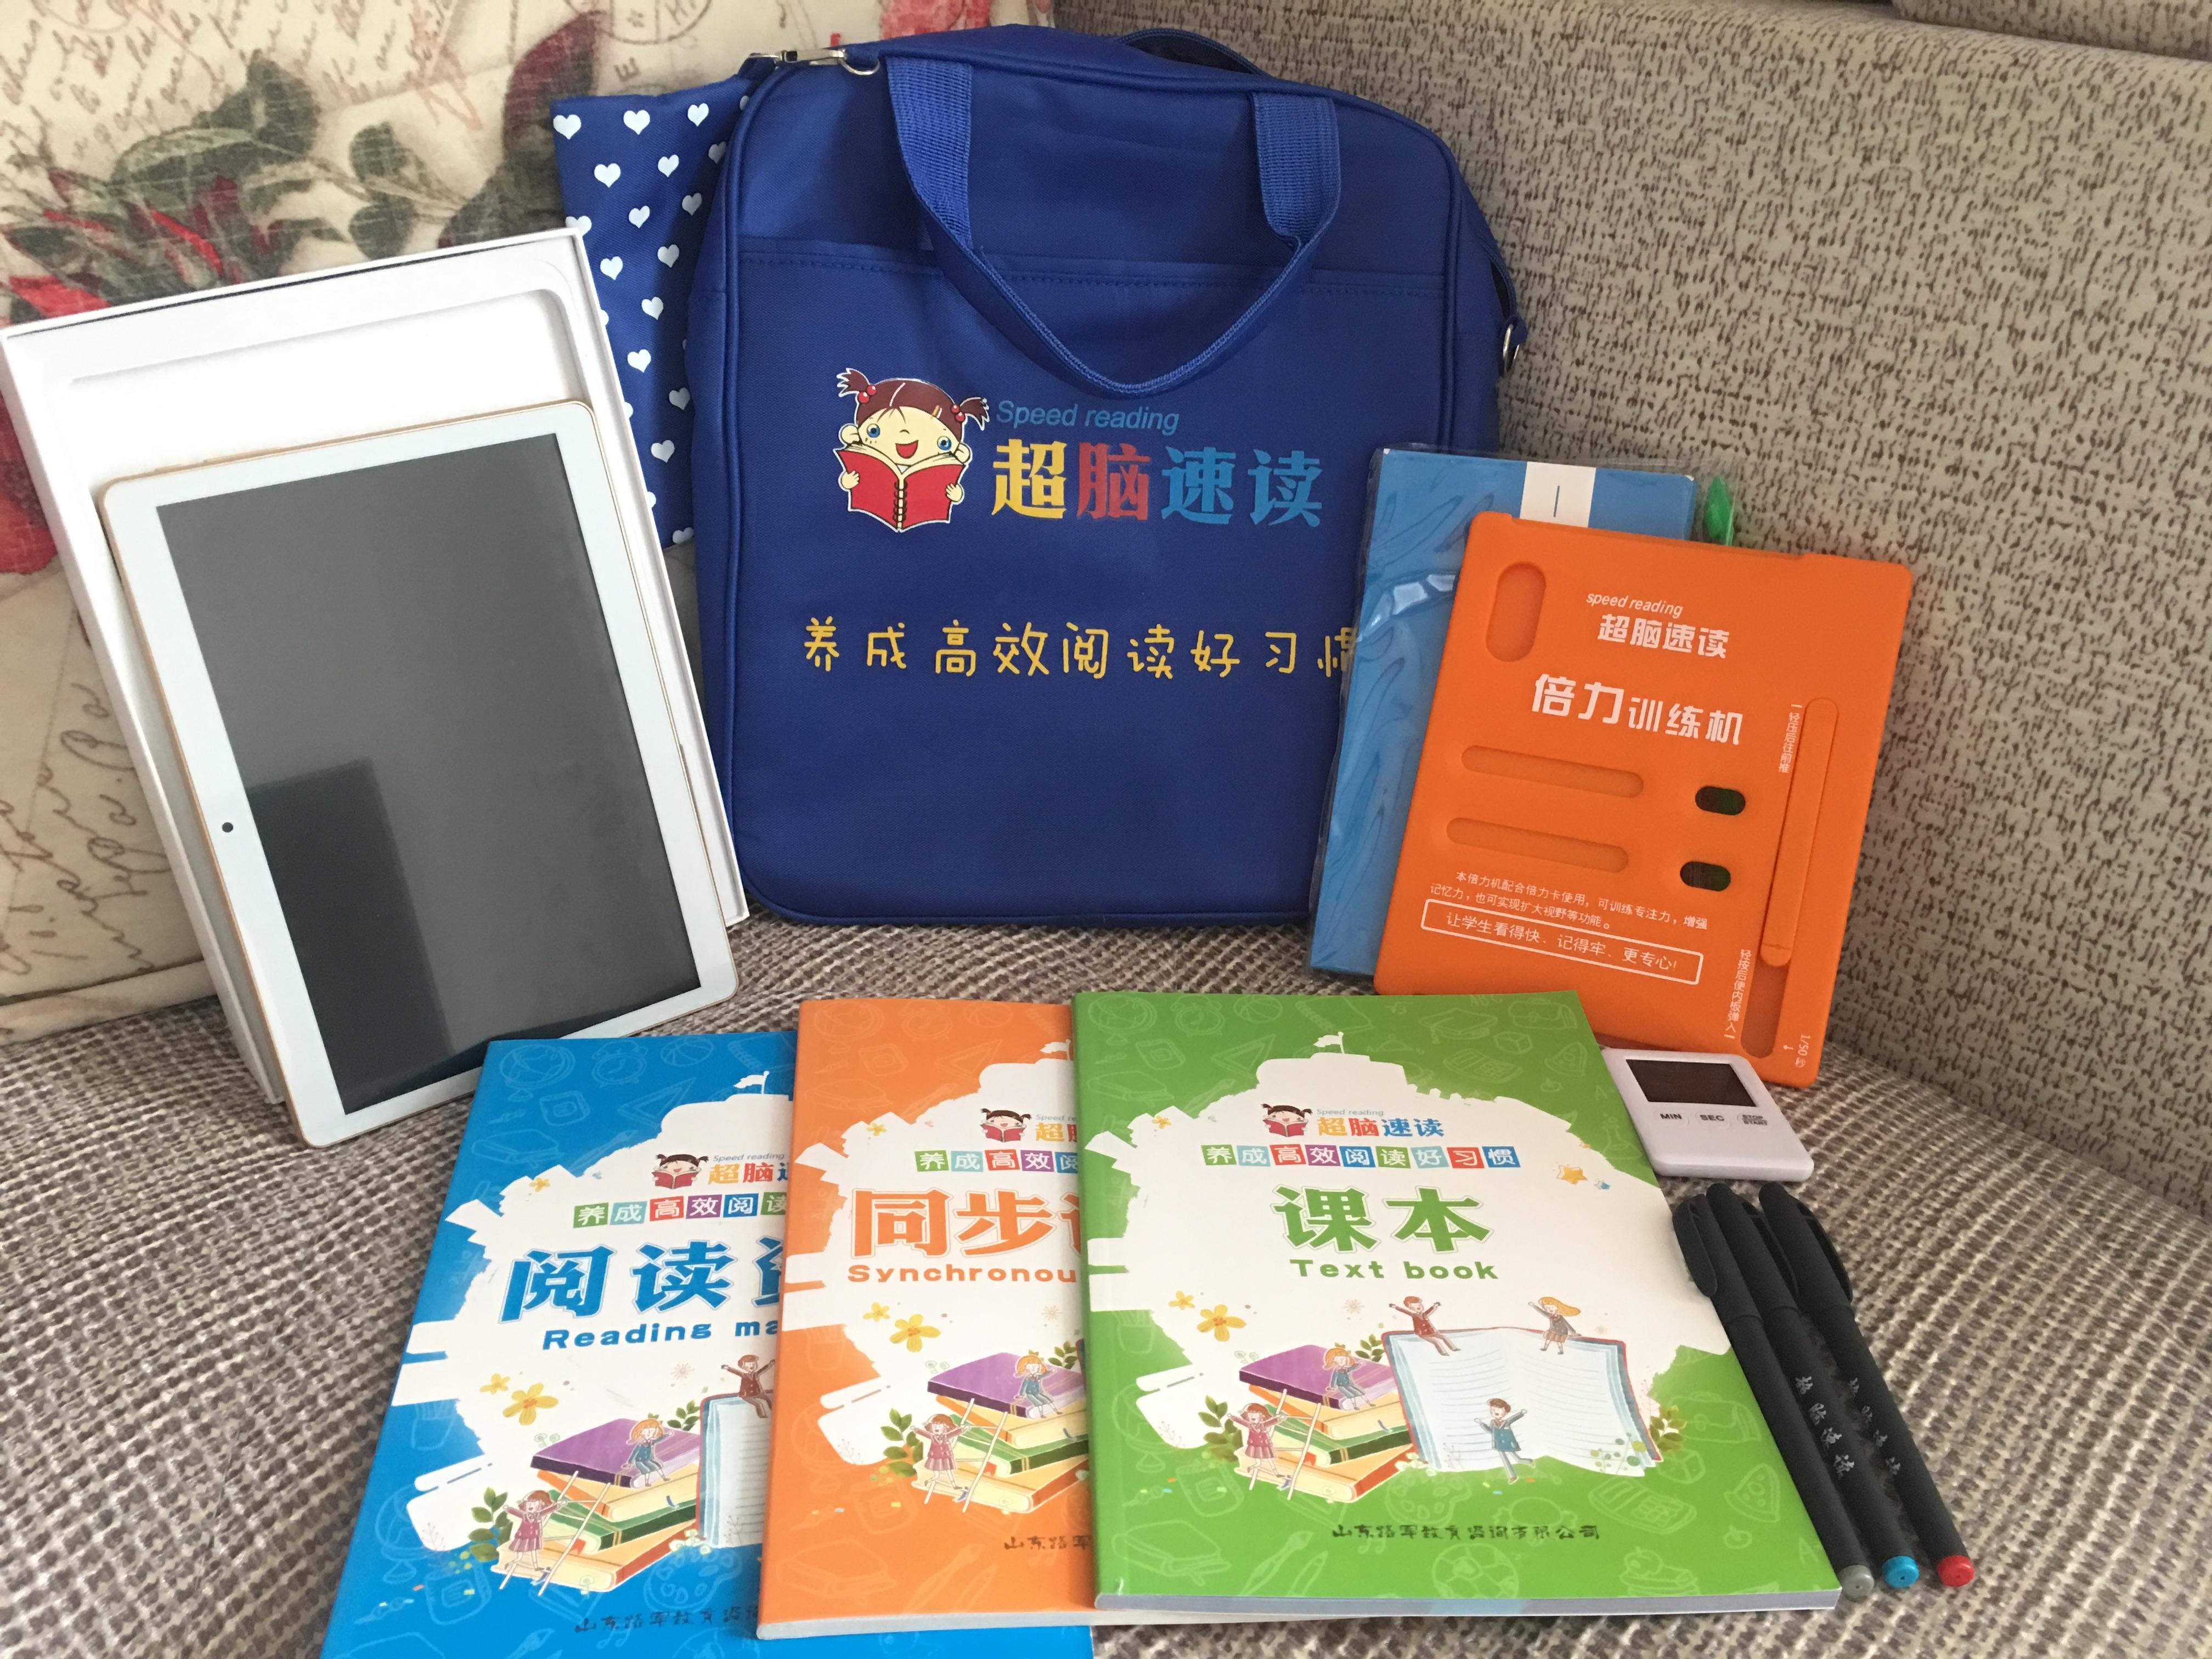 Купить Обучающая электроника / Аксессуары в Китае, в интернет магазине таобао на русском языке